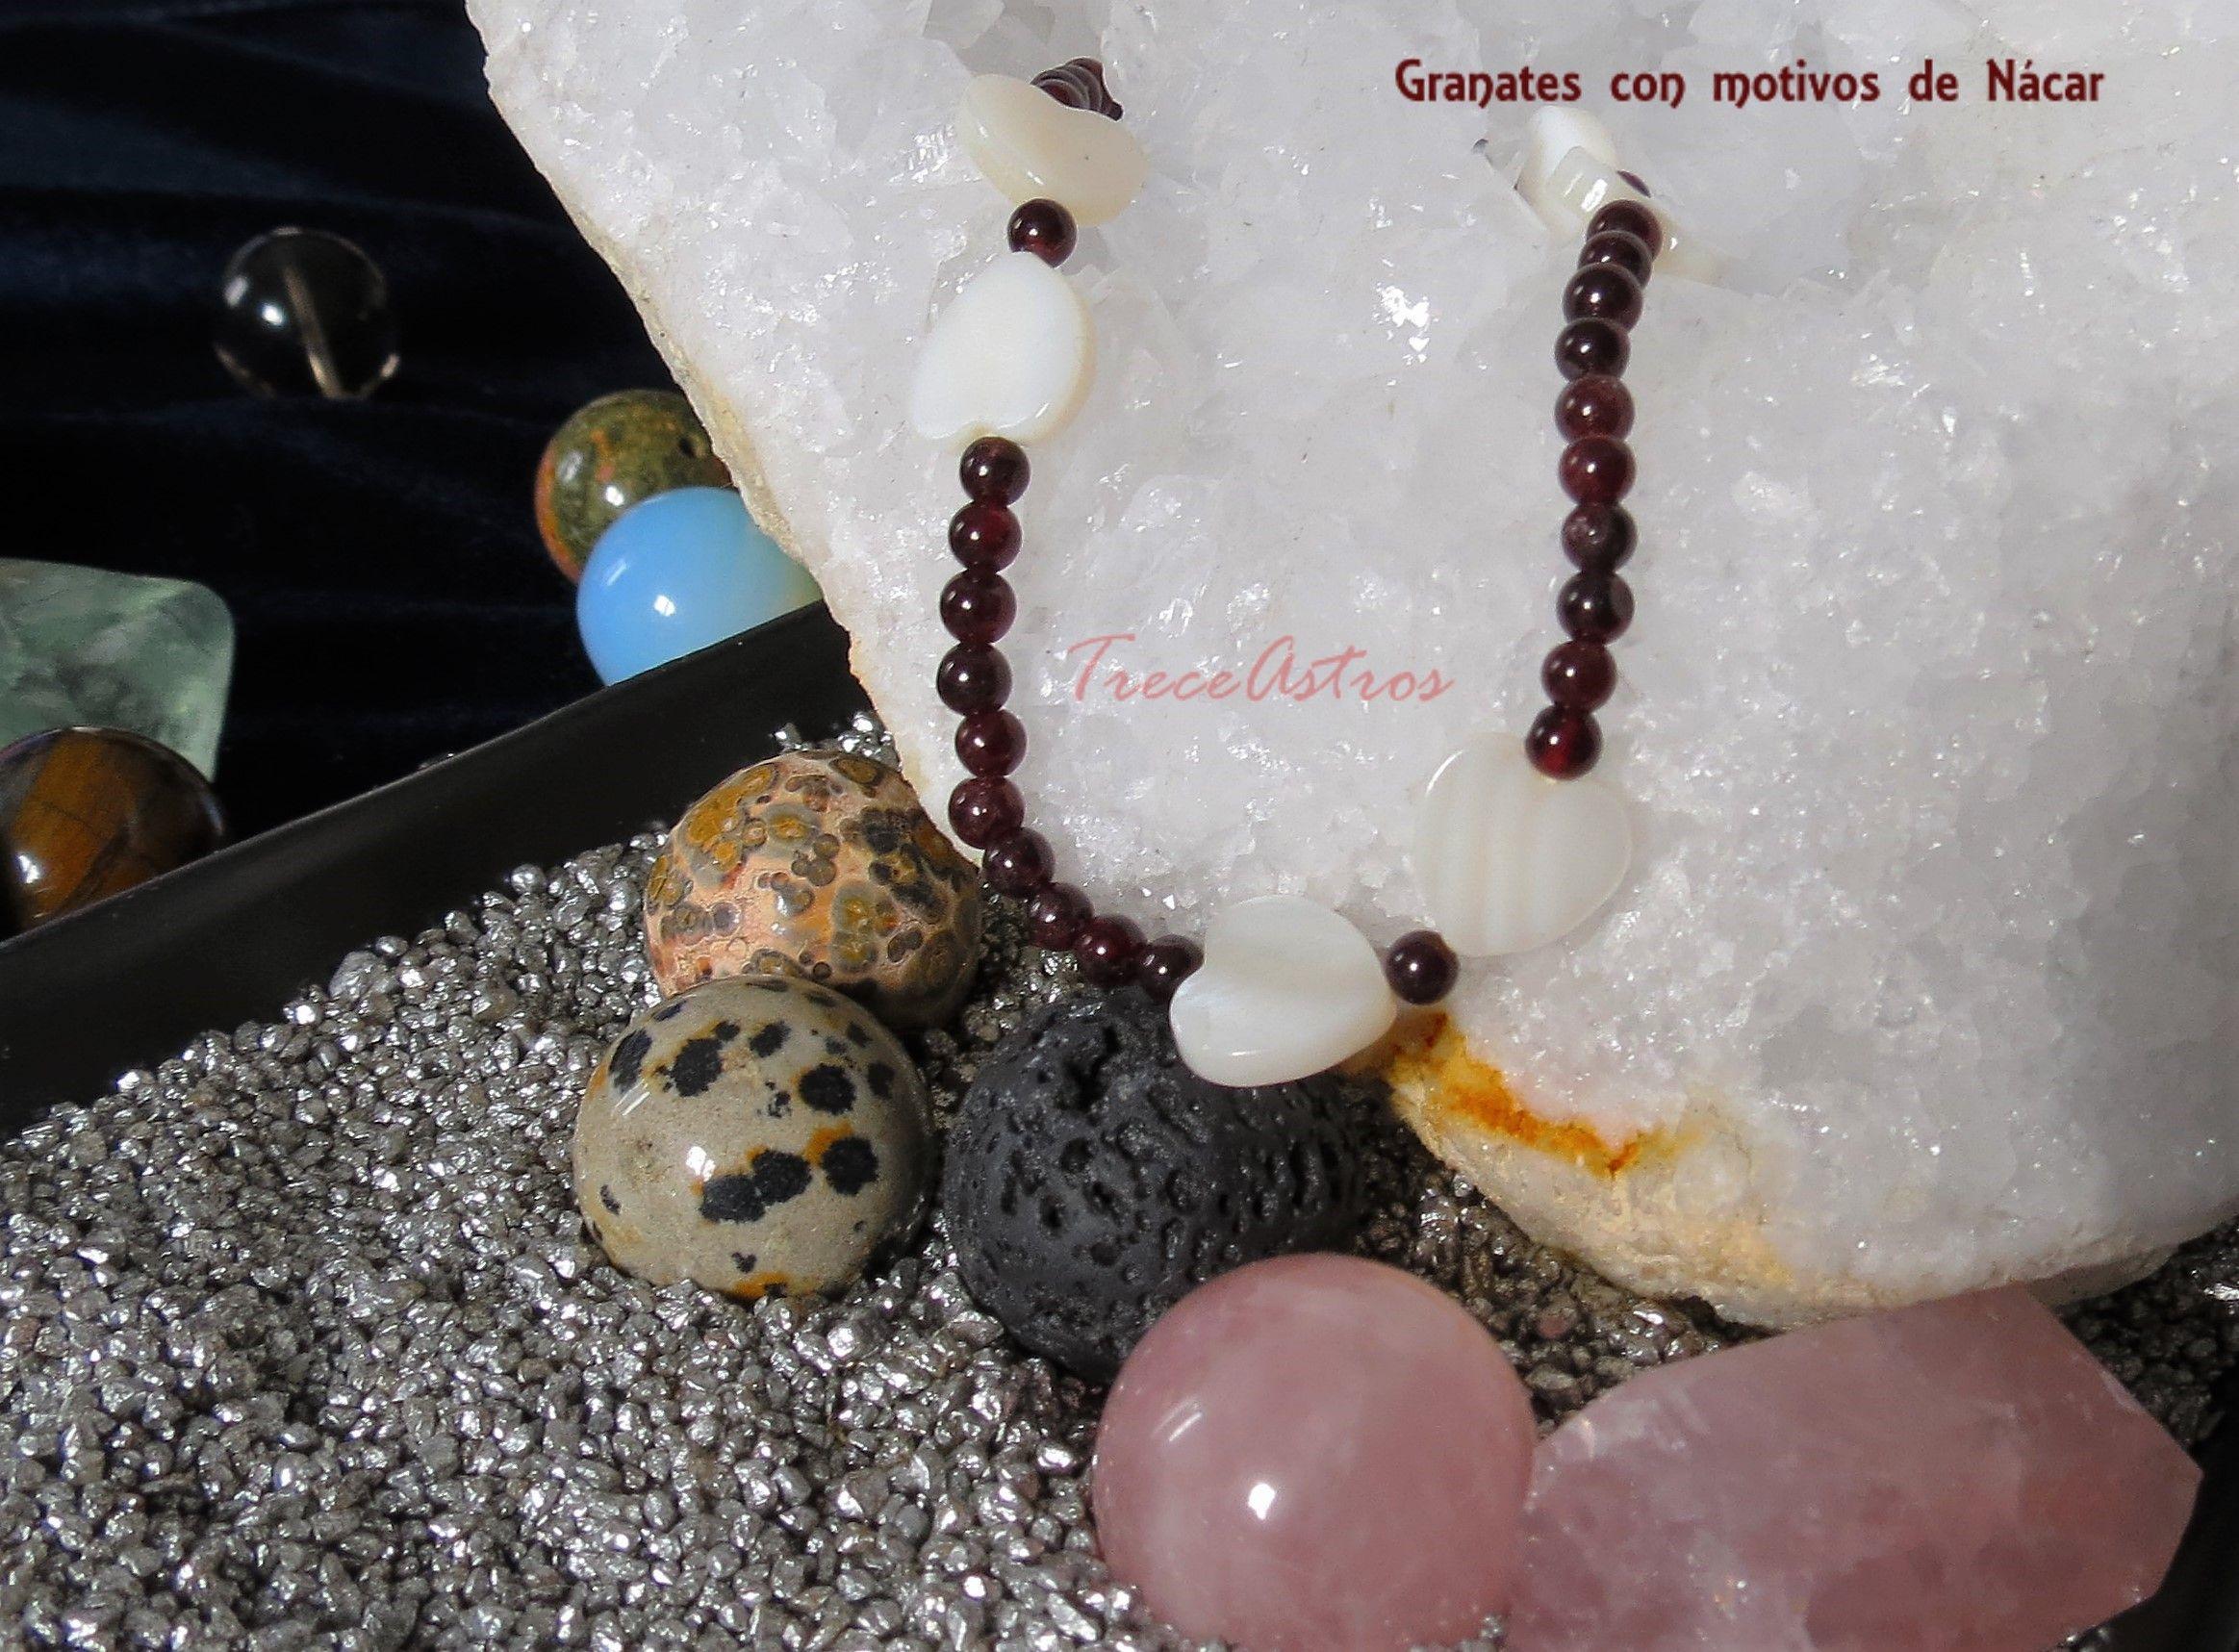 Granates y Nácar